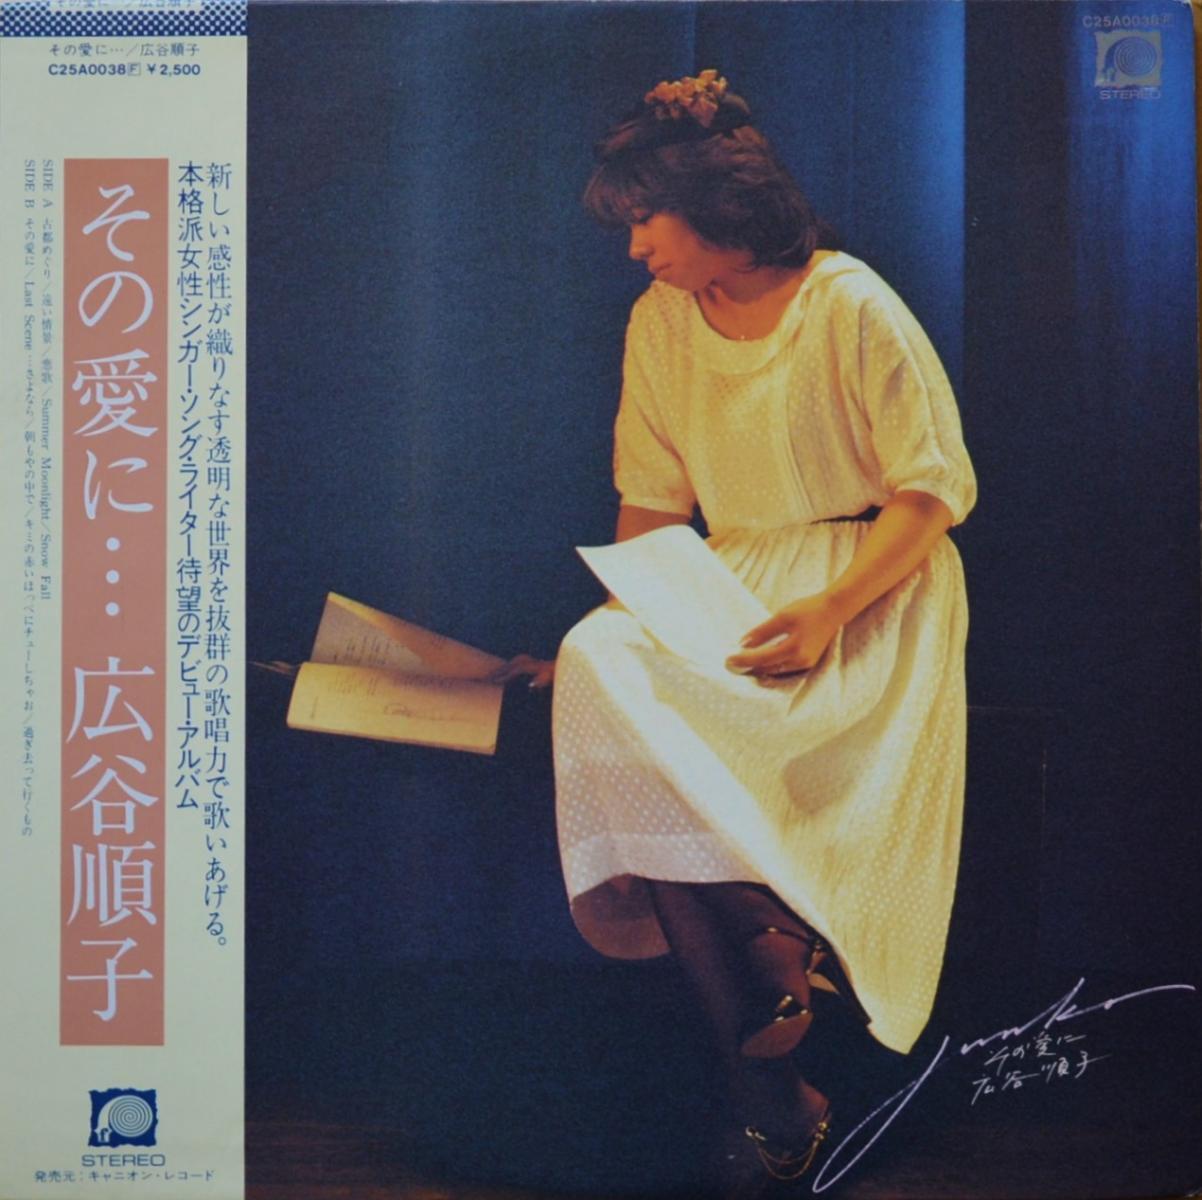 広谷順子 JUNKO HIROTANI / その愛に・・・ (LP)